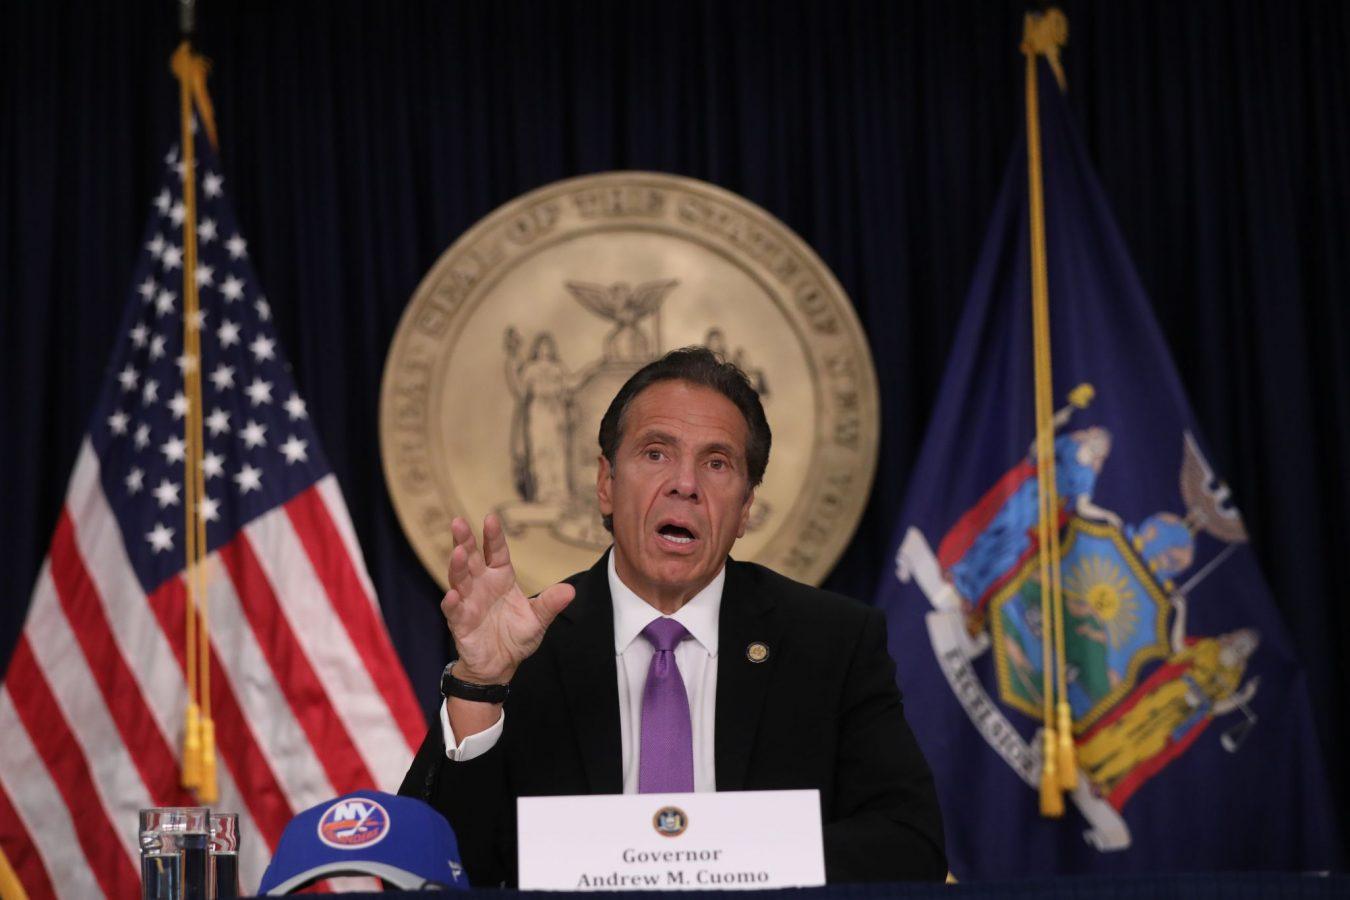 Mantan staf Cuomo berkata gubernur memintanya bermain strip poker, mengganggunya